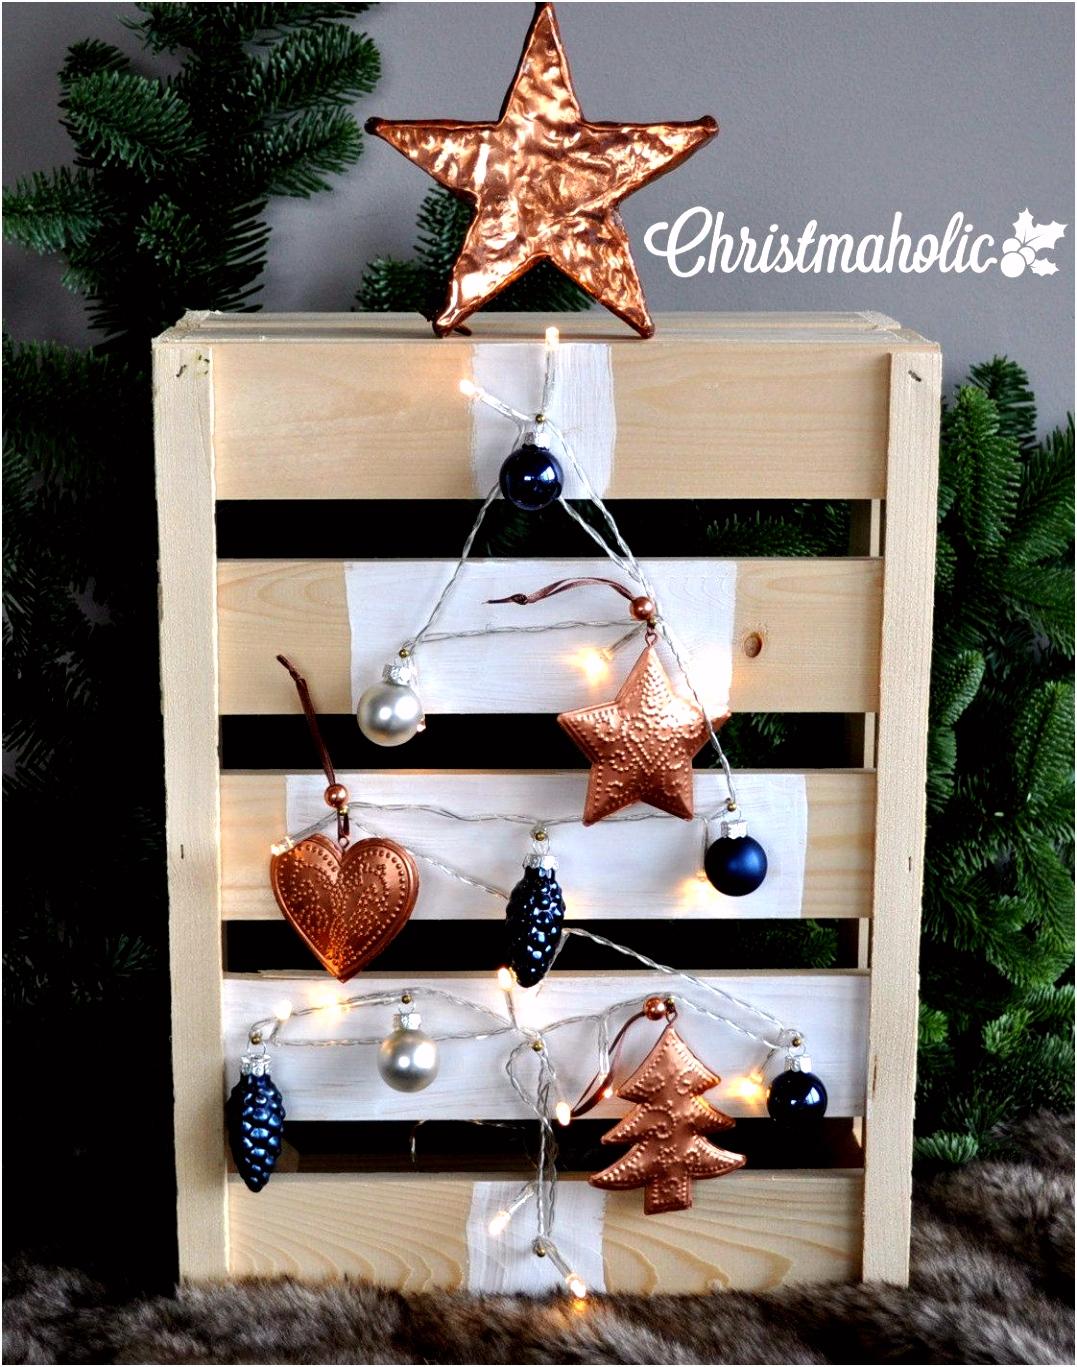 Houten kerstboom maken van een fruitkistje thema kerst